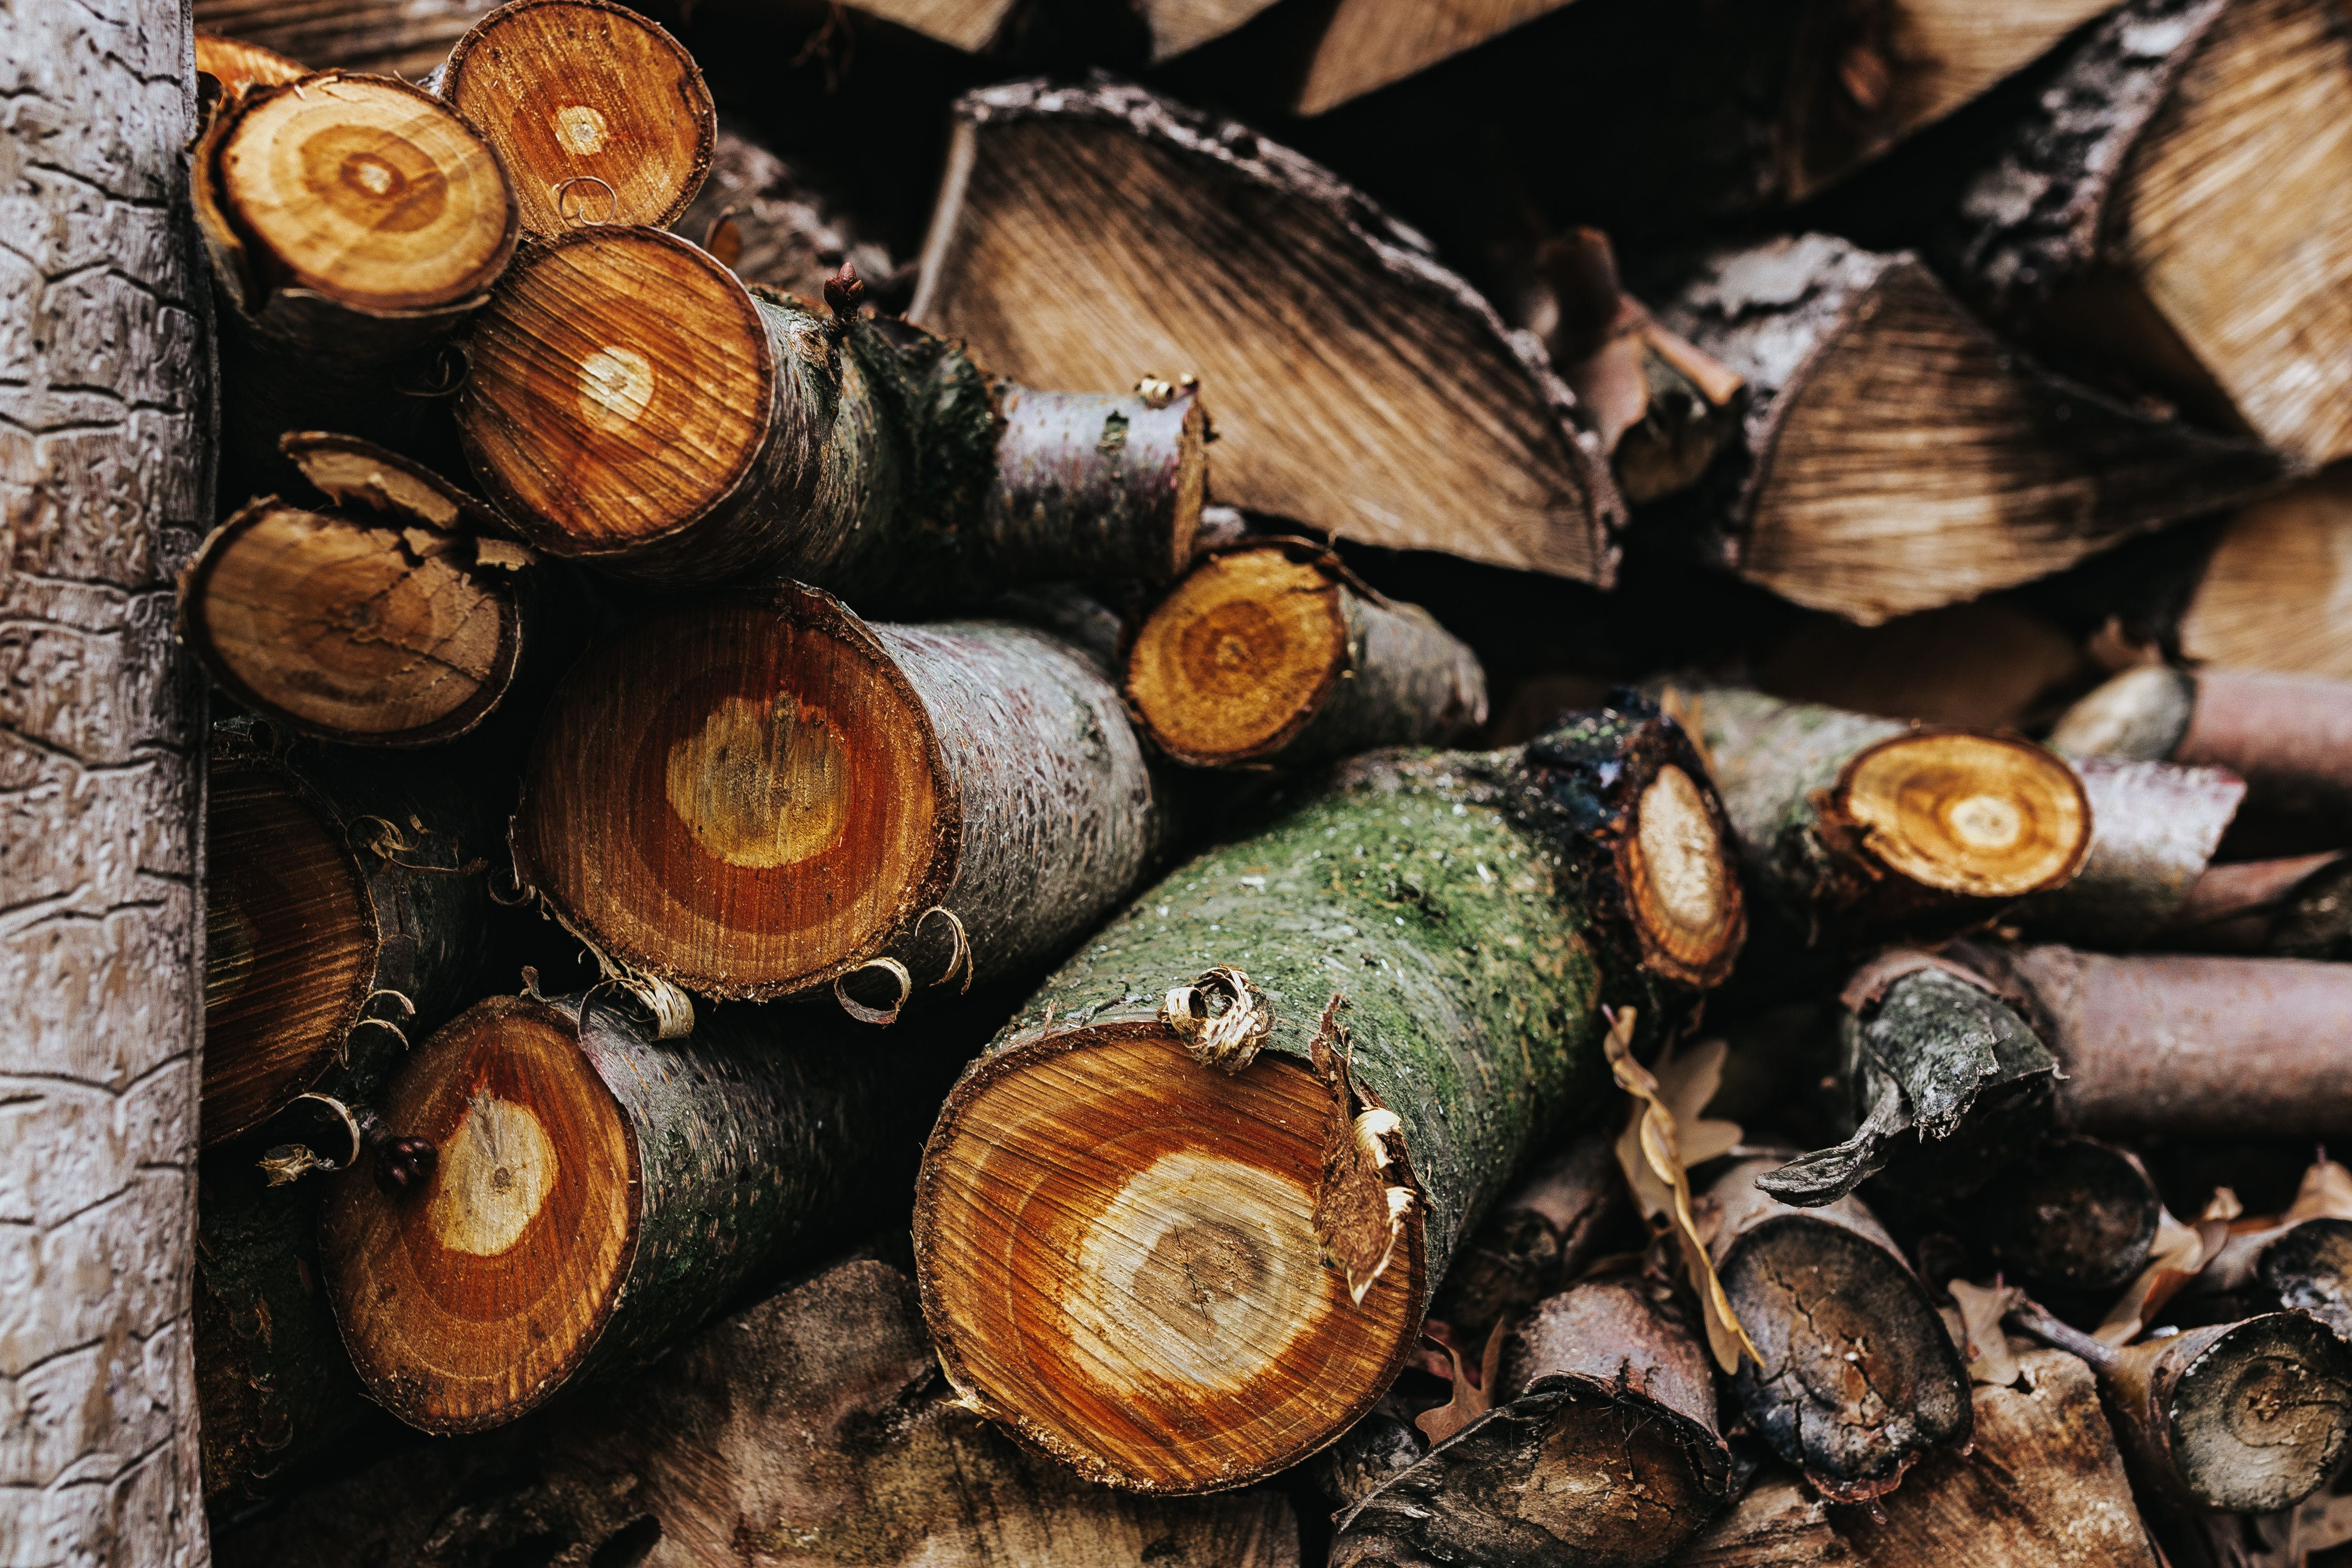 나무, 나무 껍질, 나무 줄기, 더미의 무료 스톡 사진